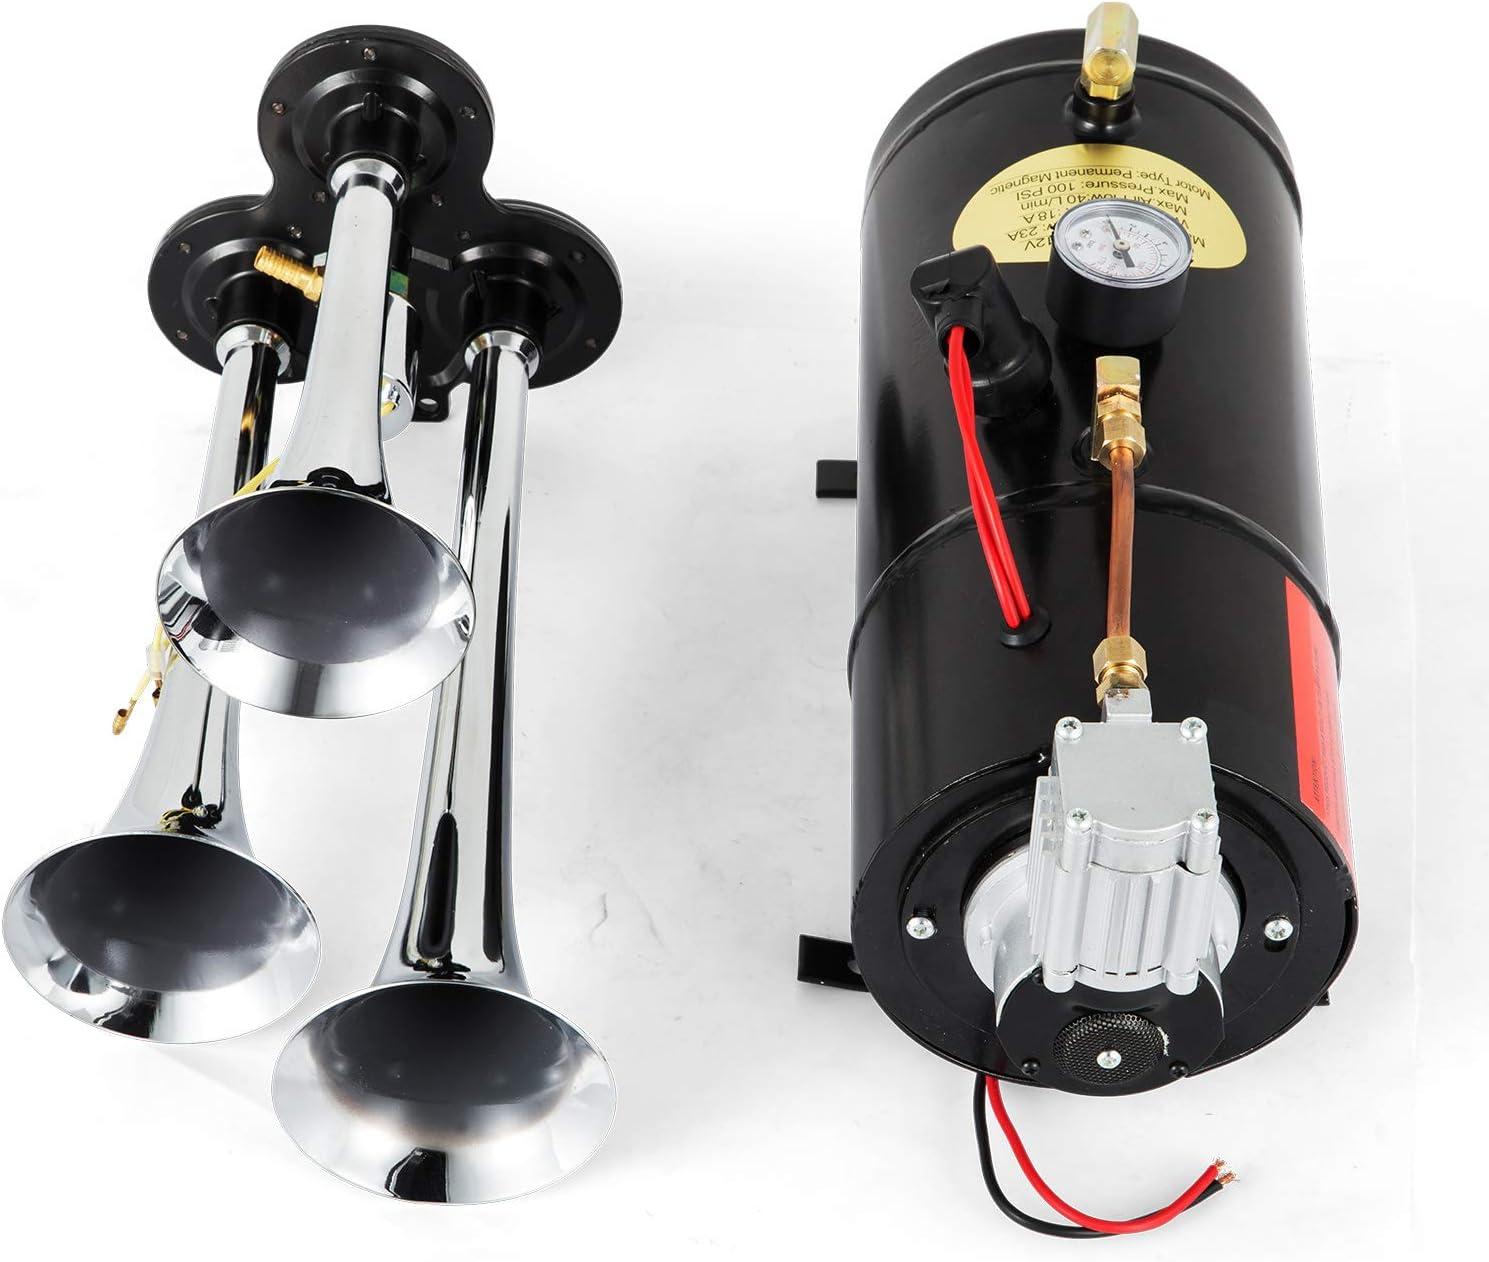 Tromba daria 150db kit tromba tromba TOPQSC con serbatoio aria compressore 120 PSI 6L per camion auto